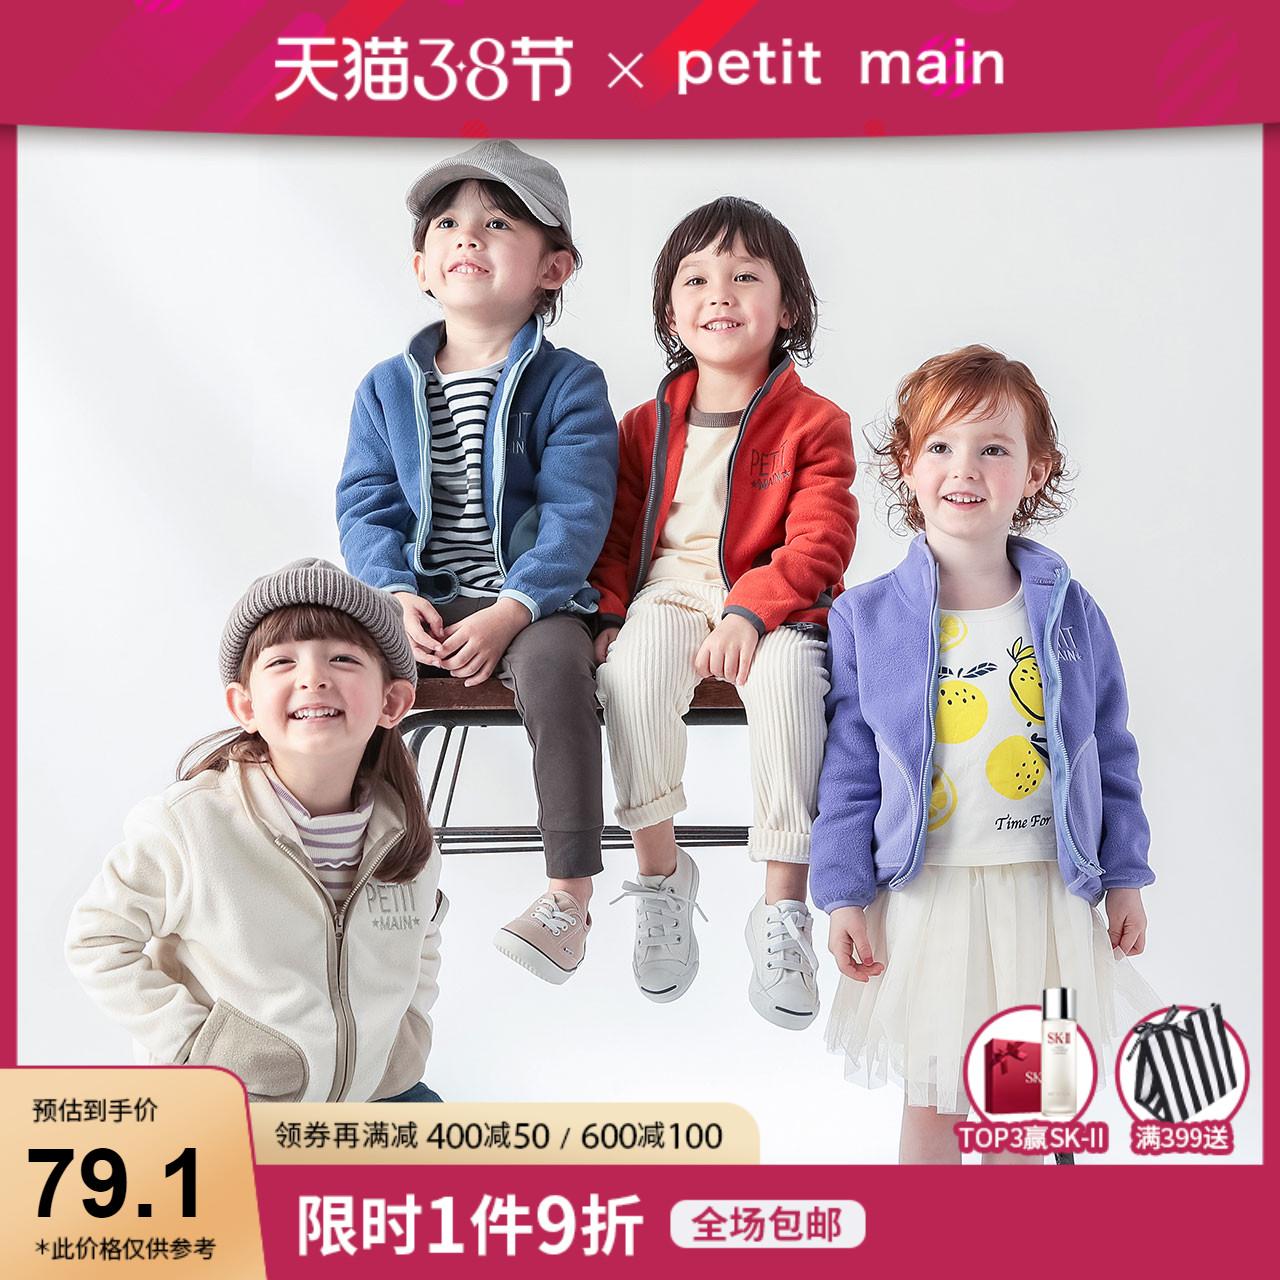 点击查看商品:petitmain童装男女童宝宝摇粒绒外套2020春季新款儿童日系上衣